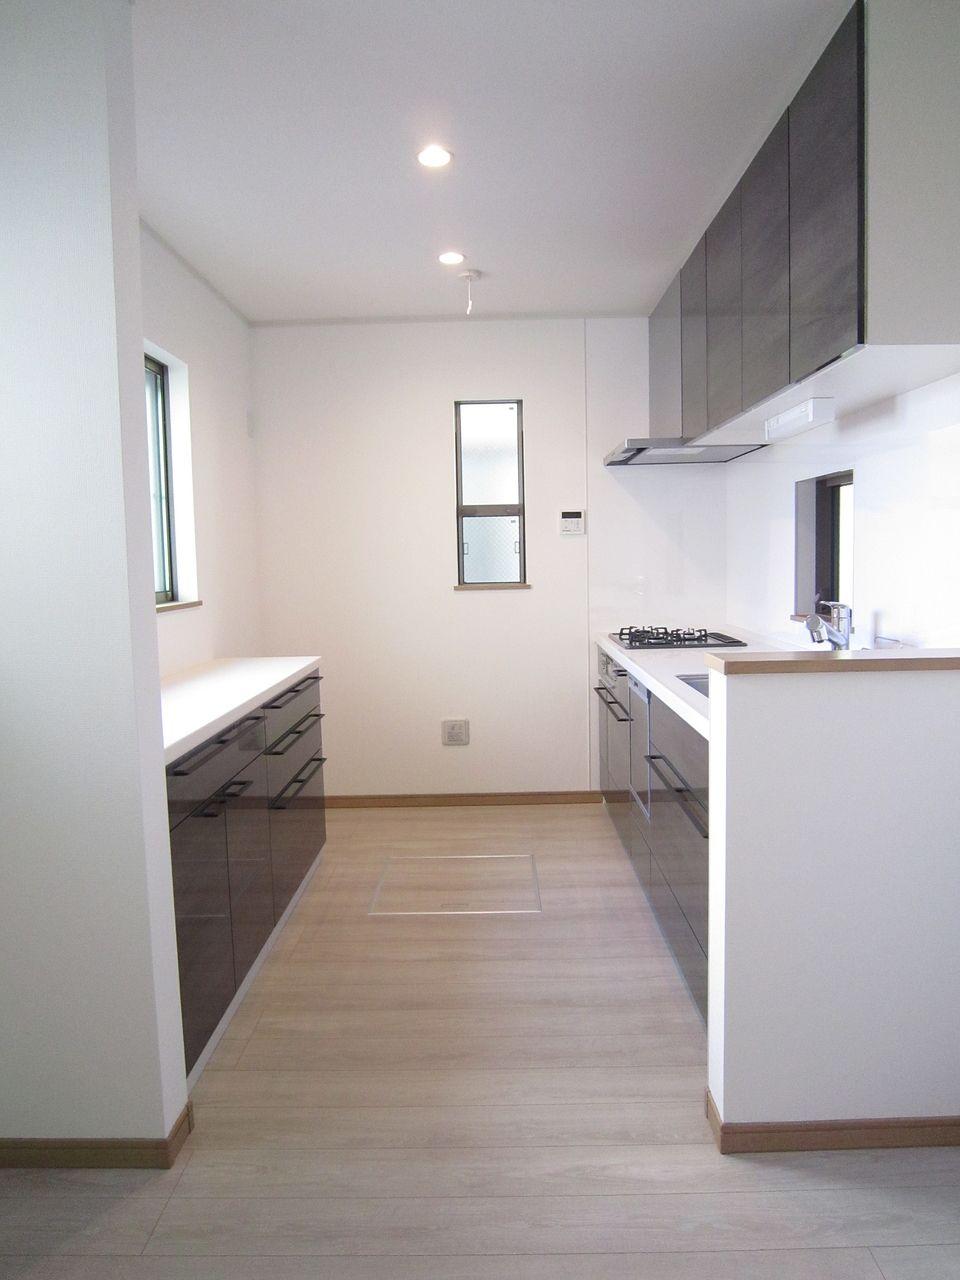 食器棚も既設で設置されたリビングはスタイリッシュで高級感ある雰囲気です。